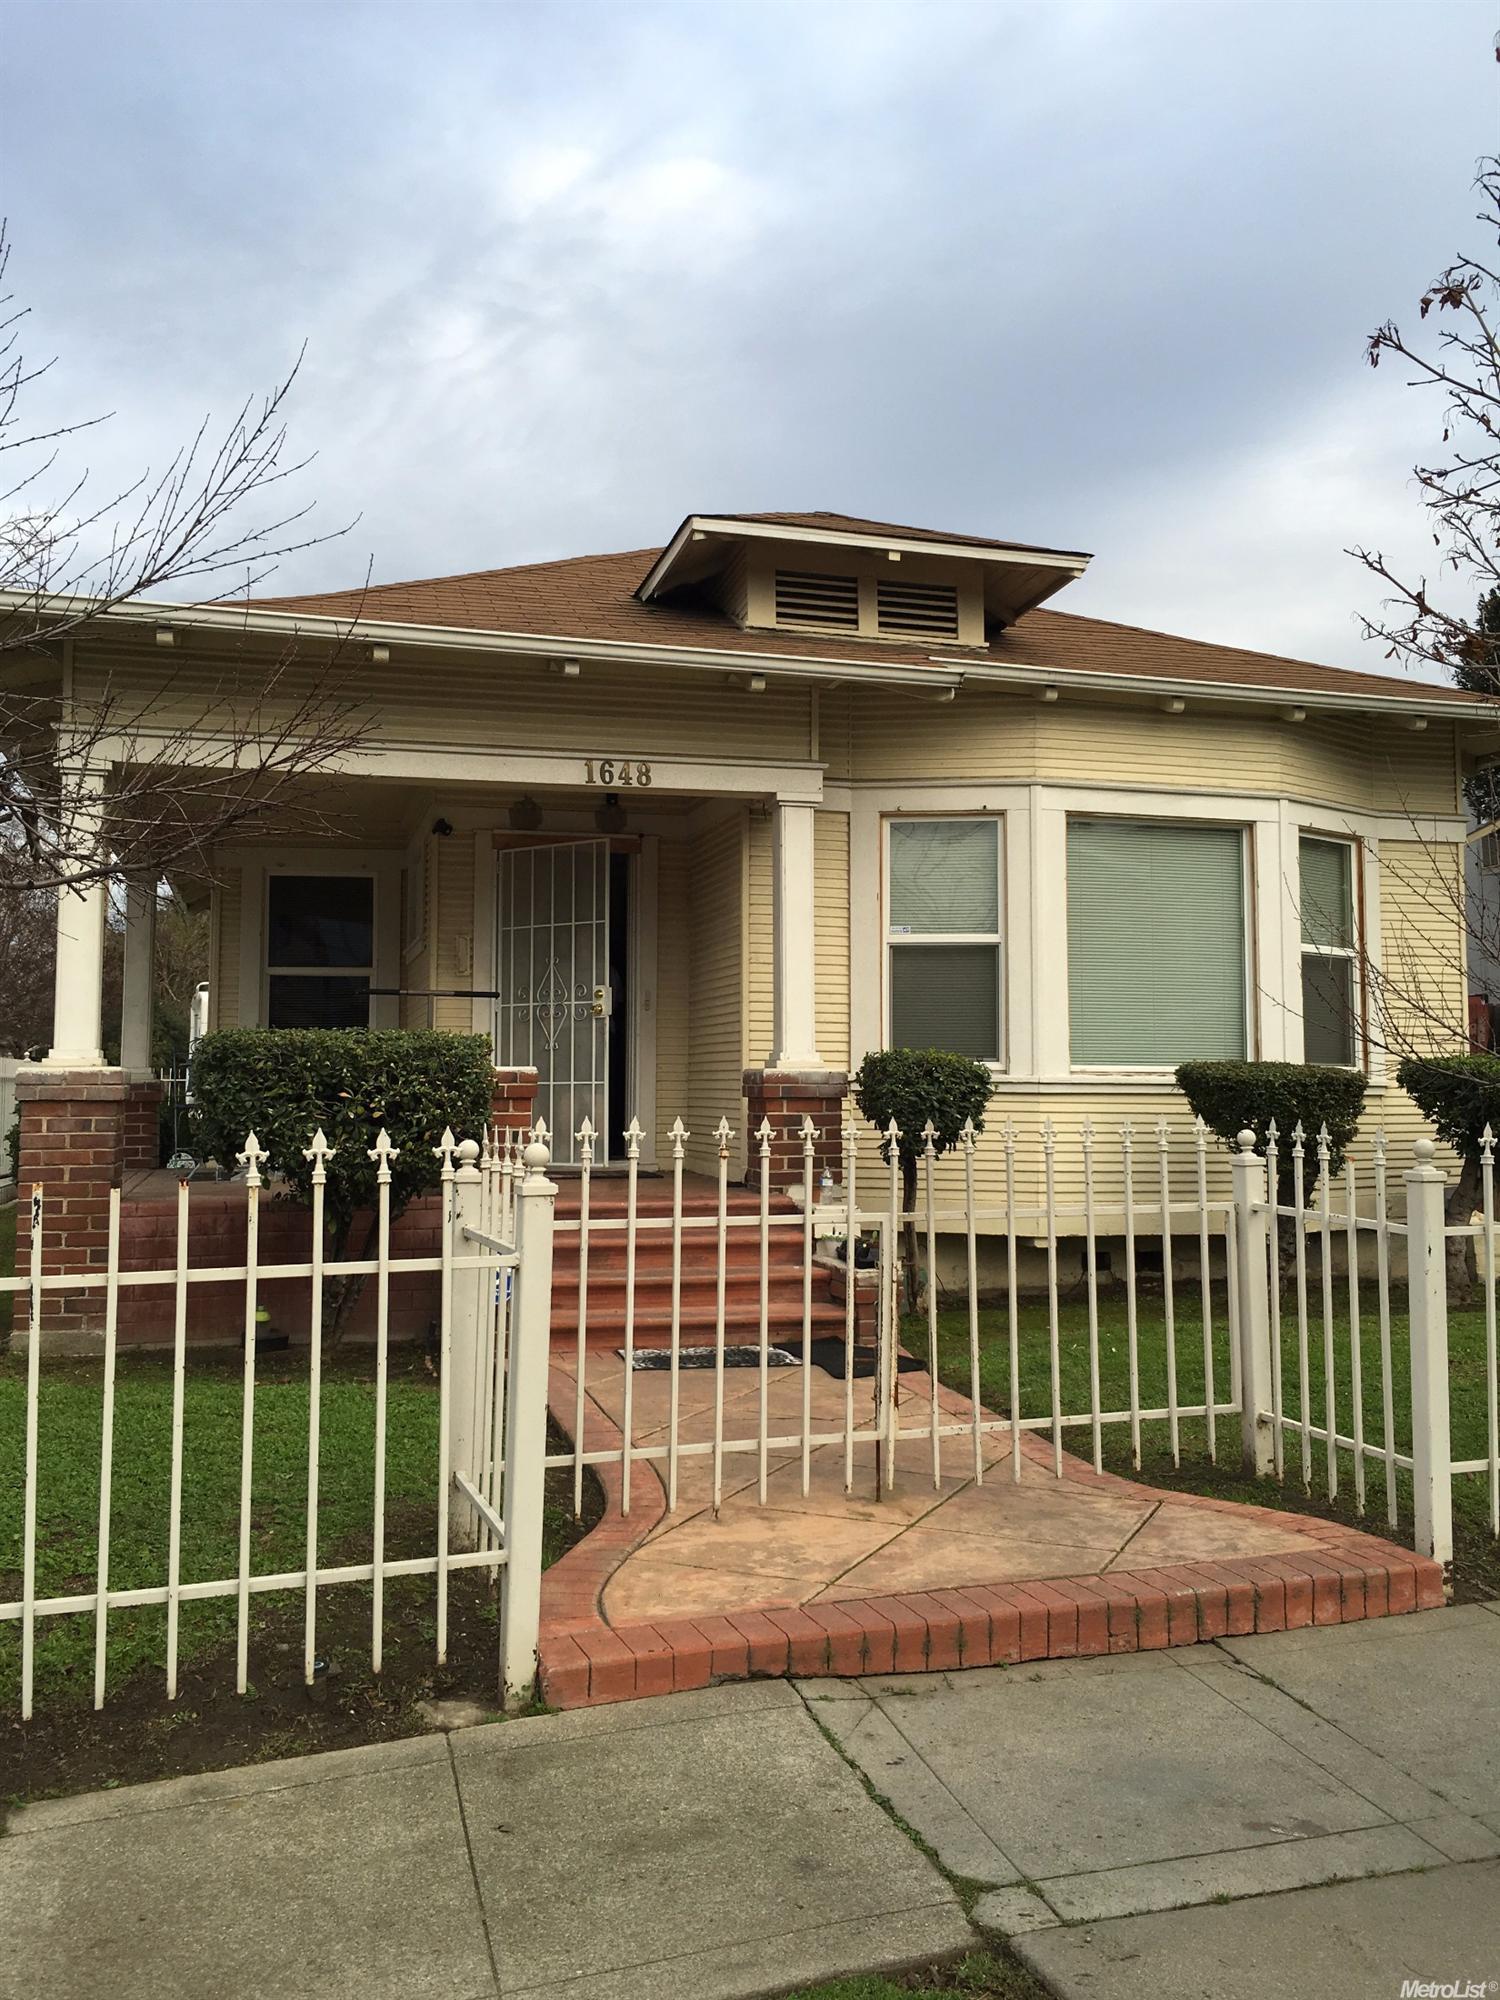 1648 N El Dorado St, Stockton, CA